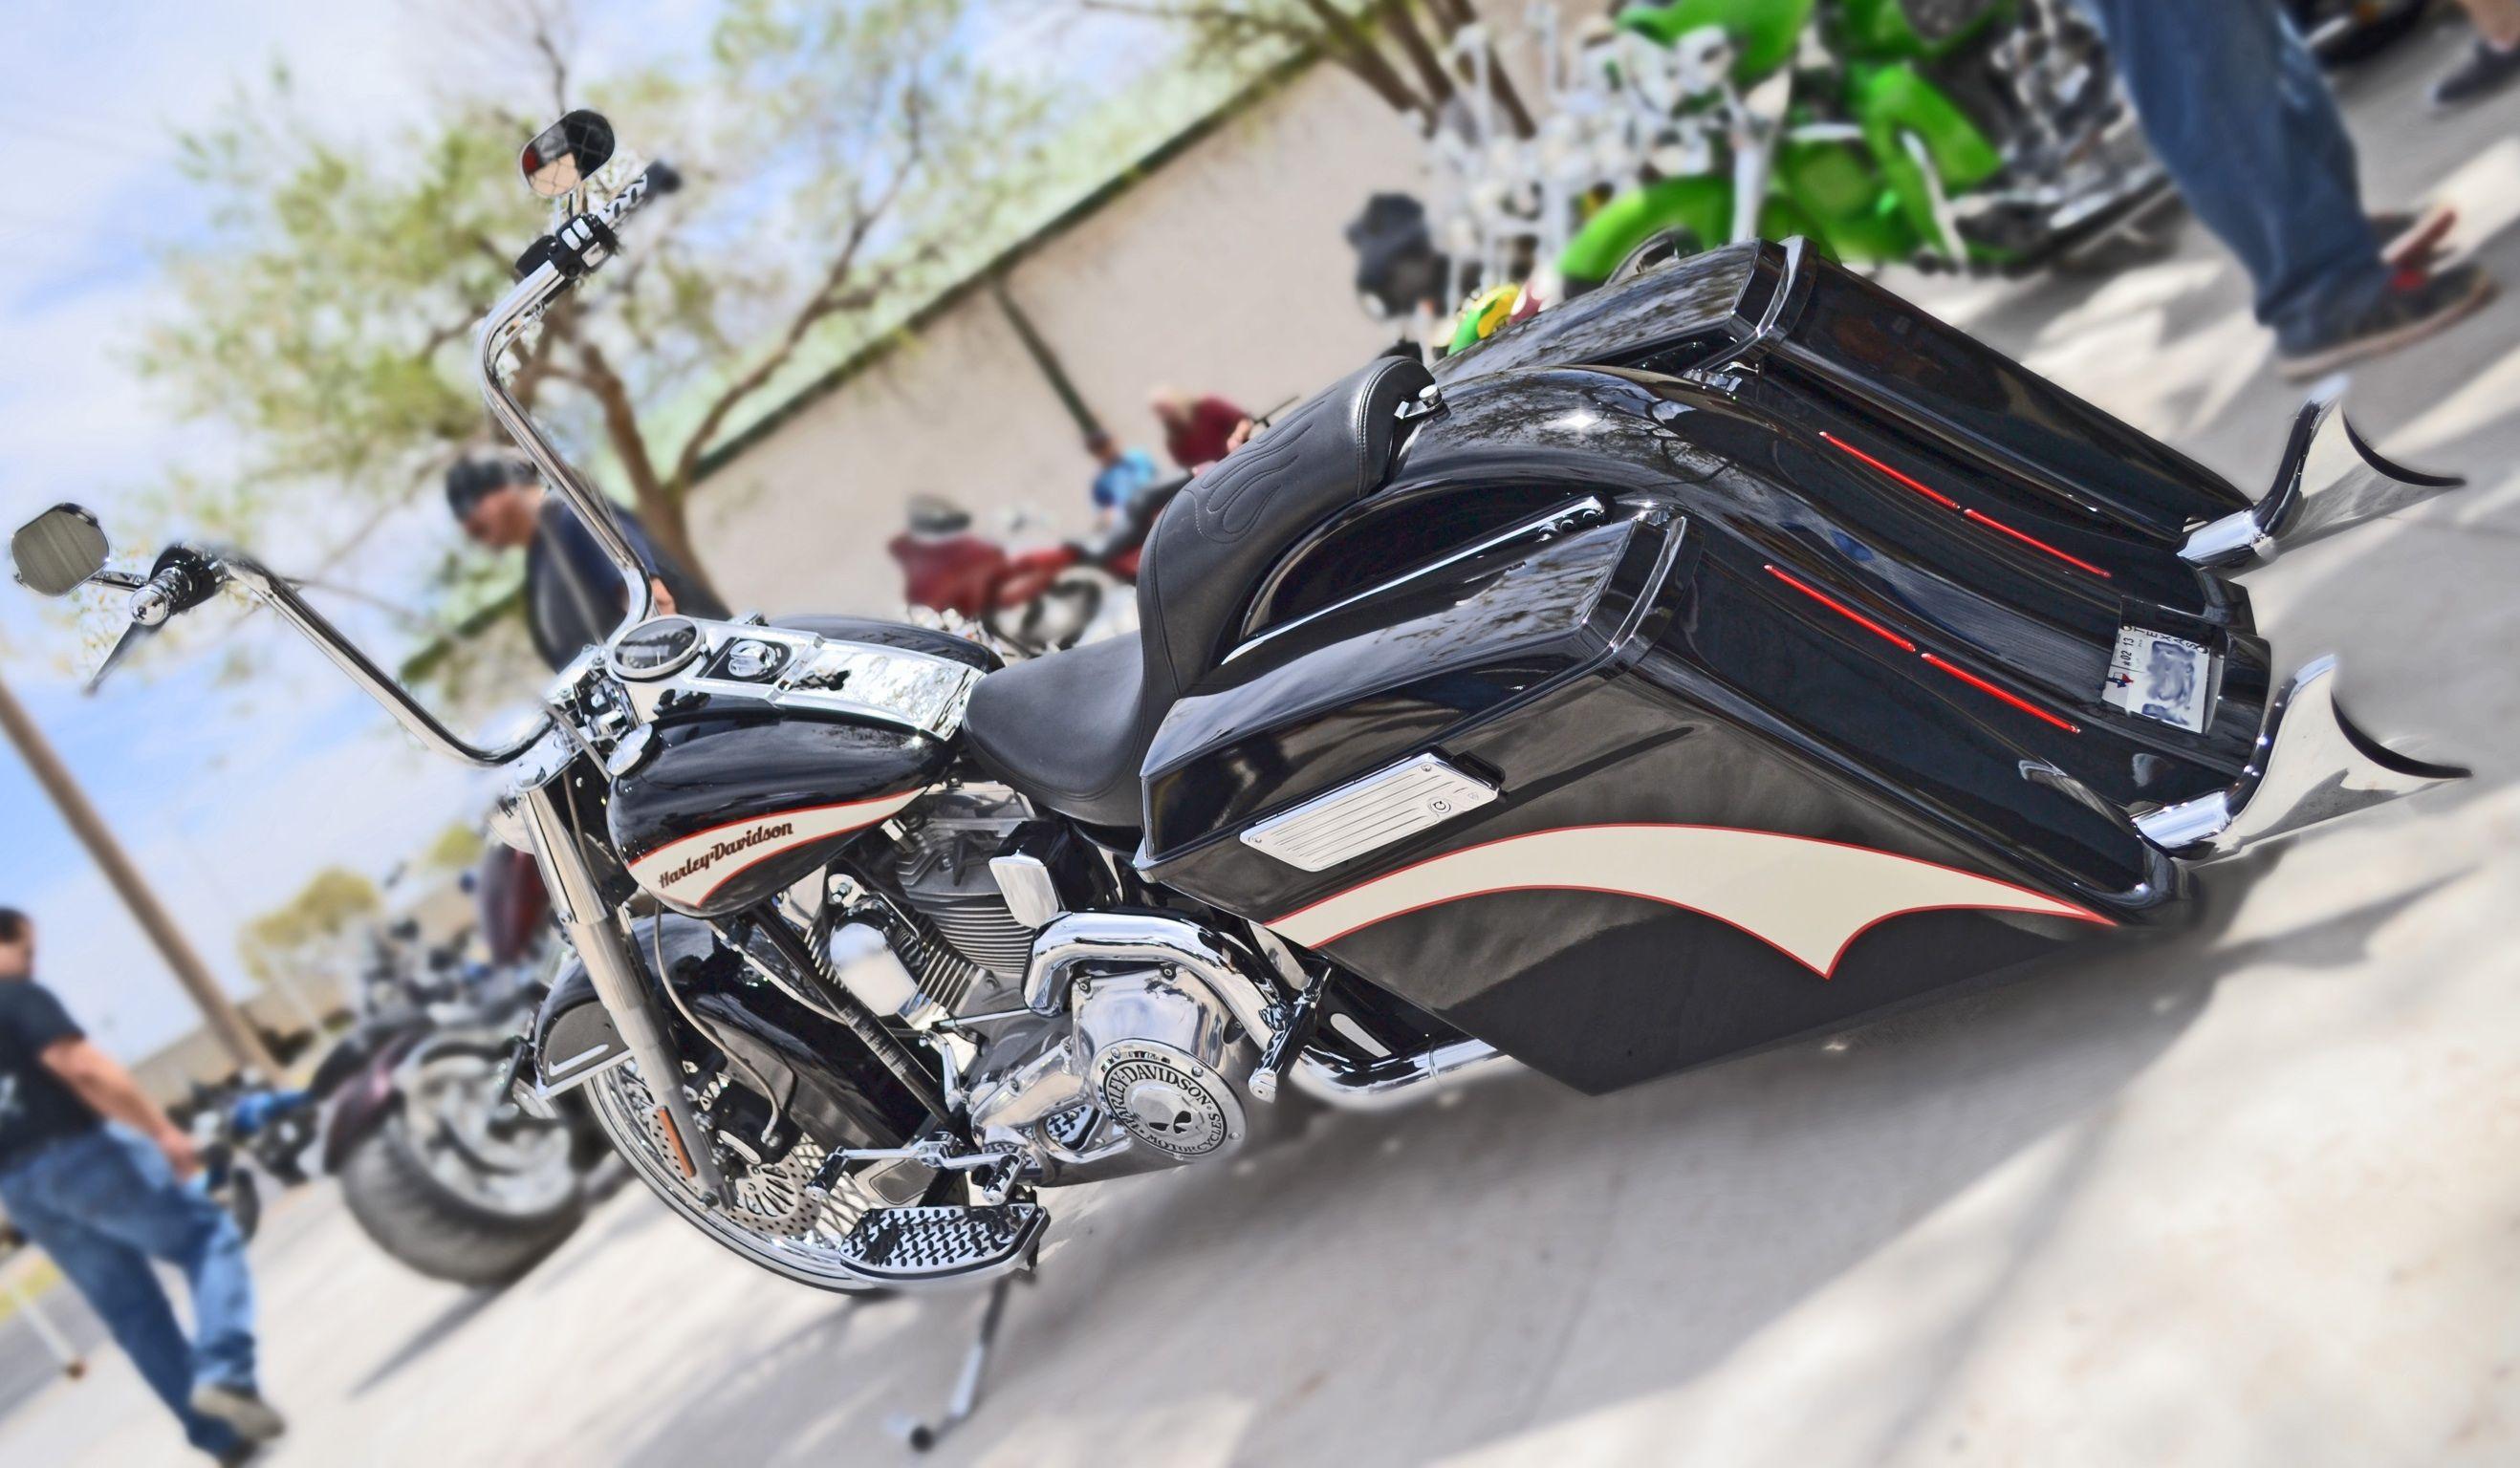 Kart Wheel Bag Stock DUK or Custom